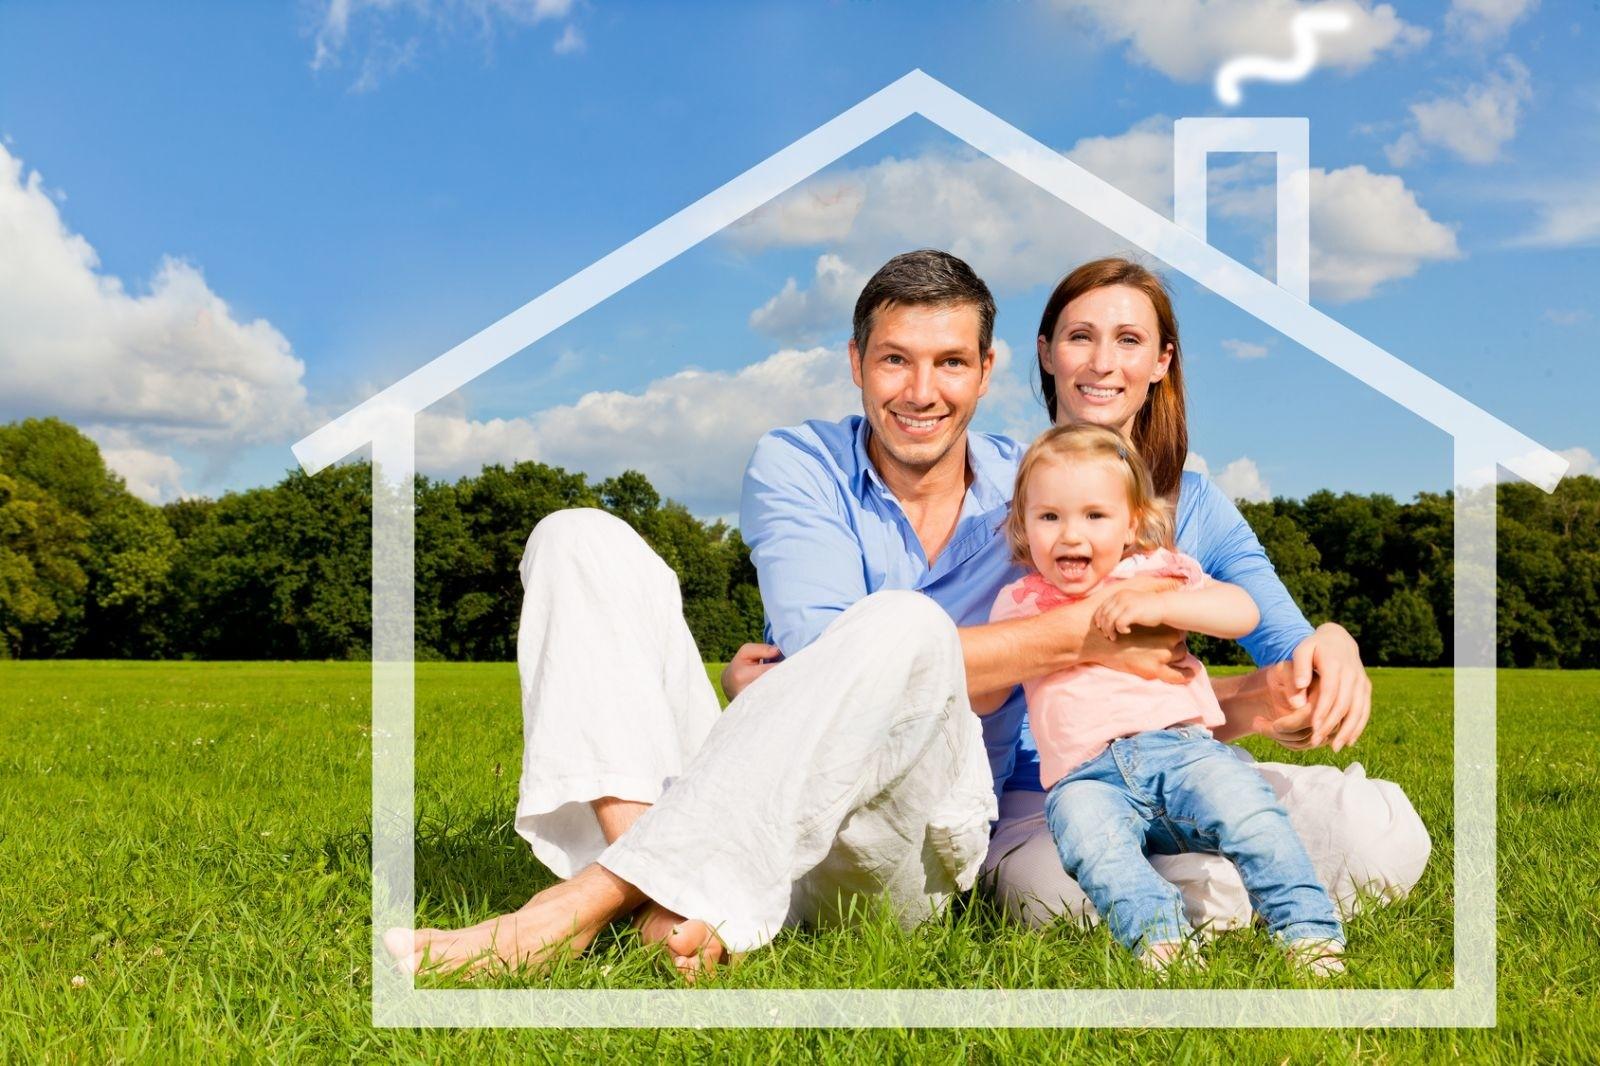 Взять кредит молодой семье на покупку квартиры получить кредит втб онлайн